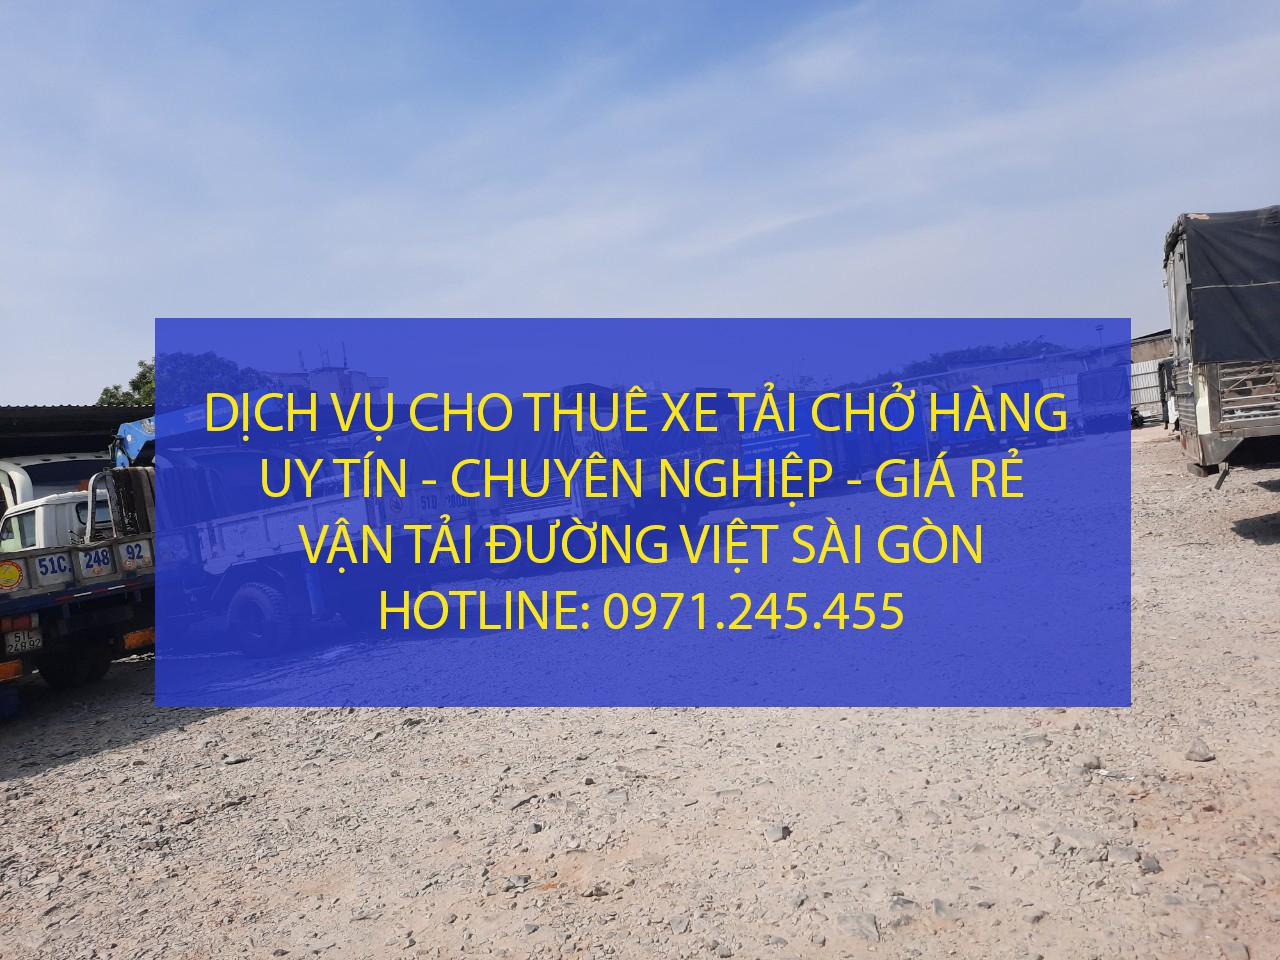 Cần thuê xe tải vận chuyển hàng hoá tại TPHCM - LH: 0971.245.455